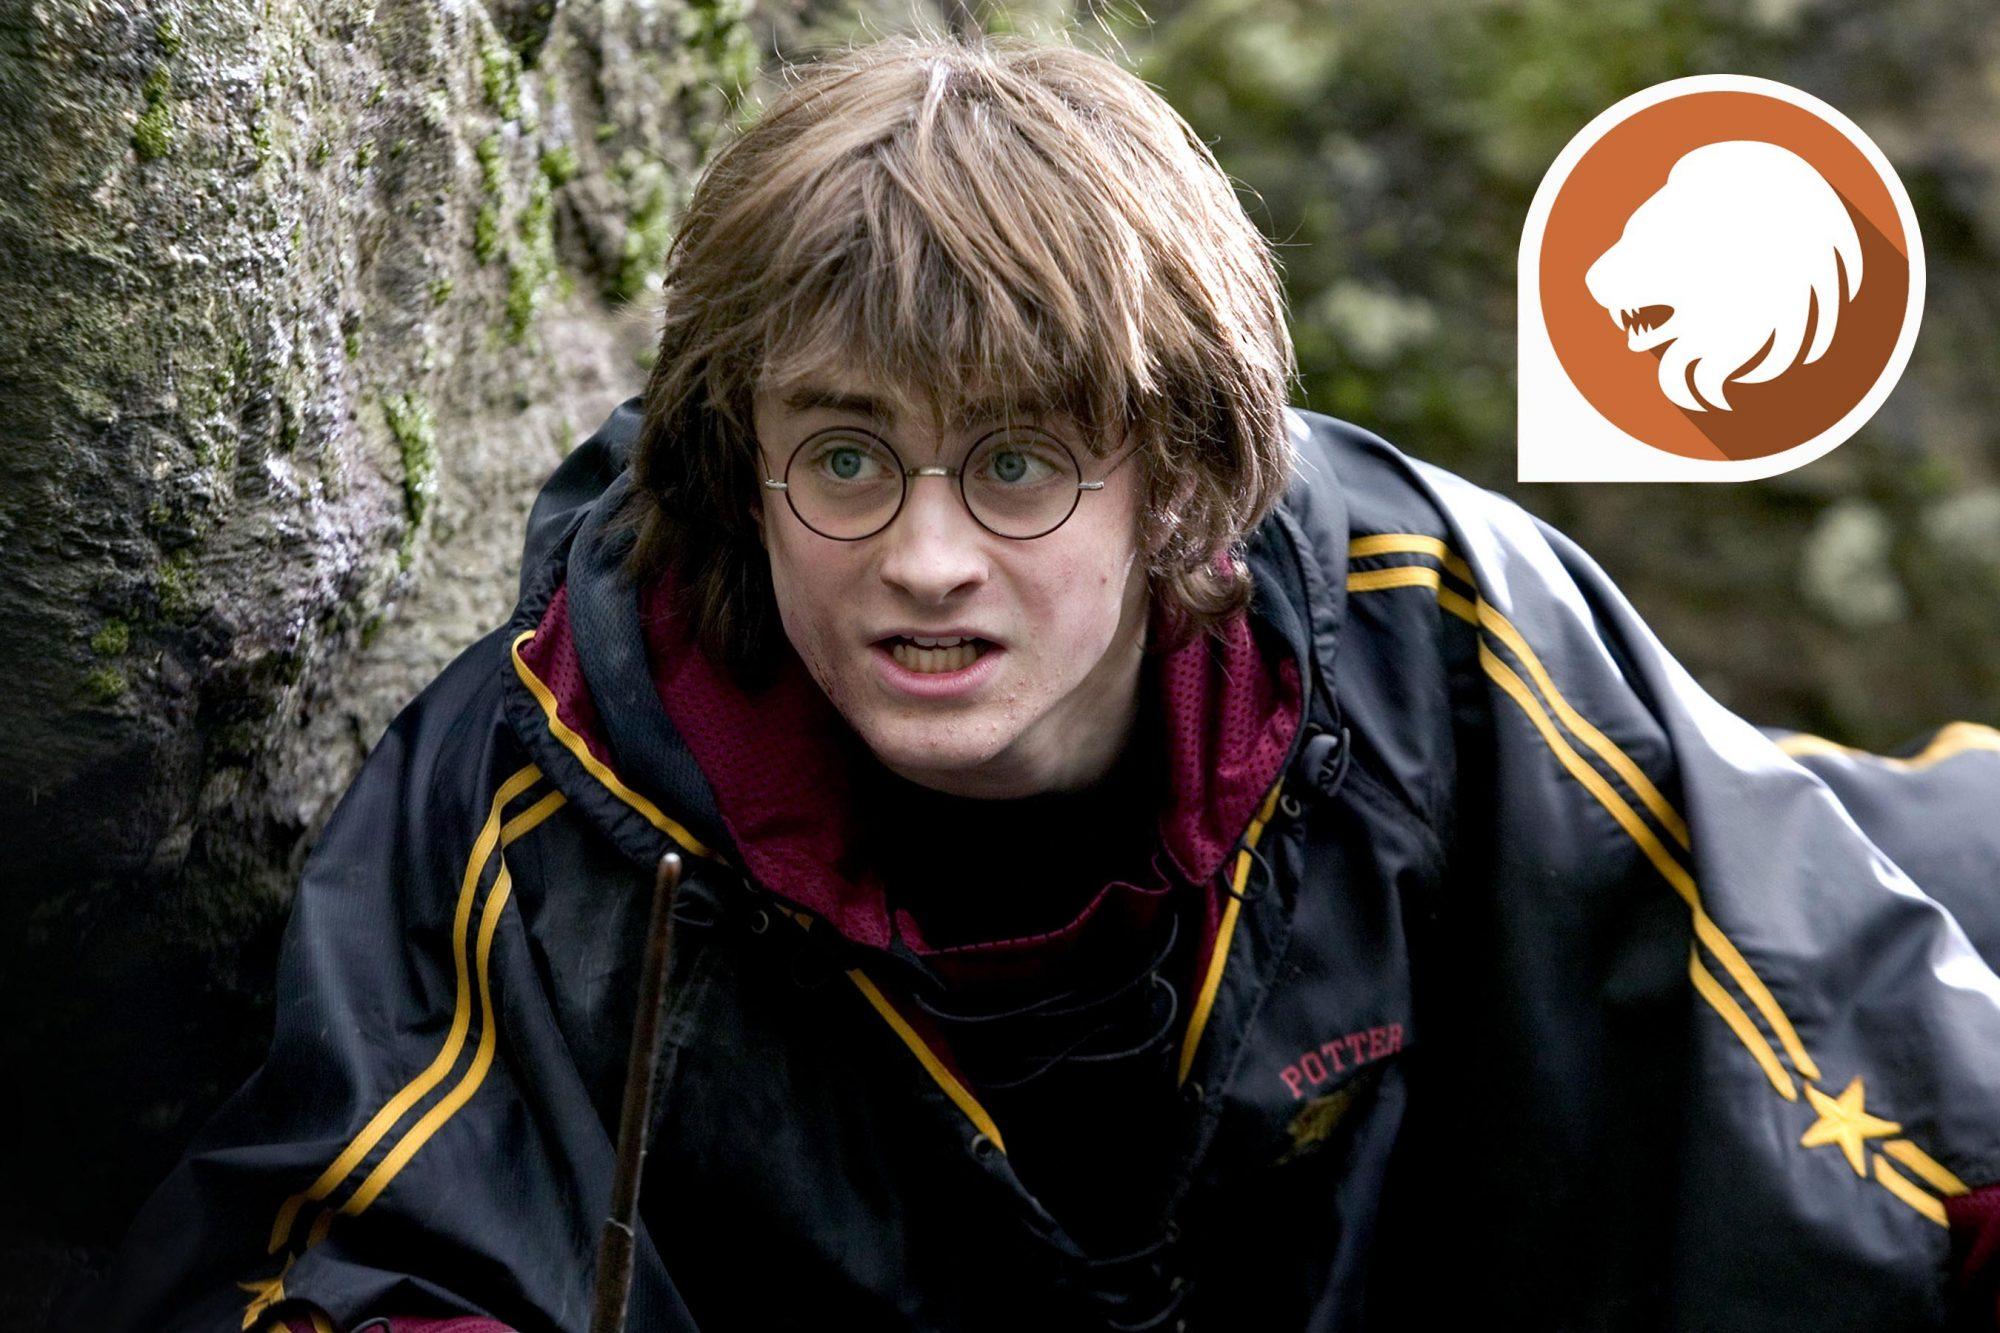 Harry-Pottter-Horoscope